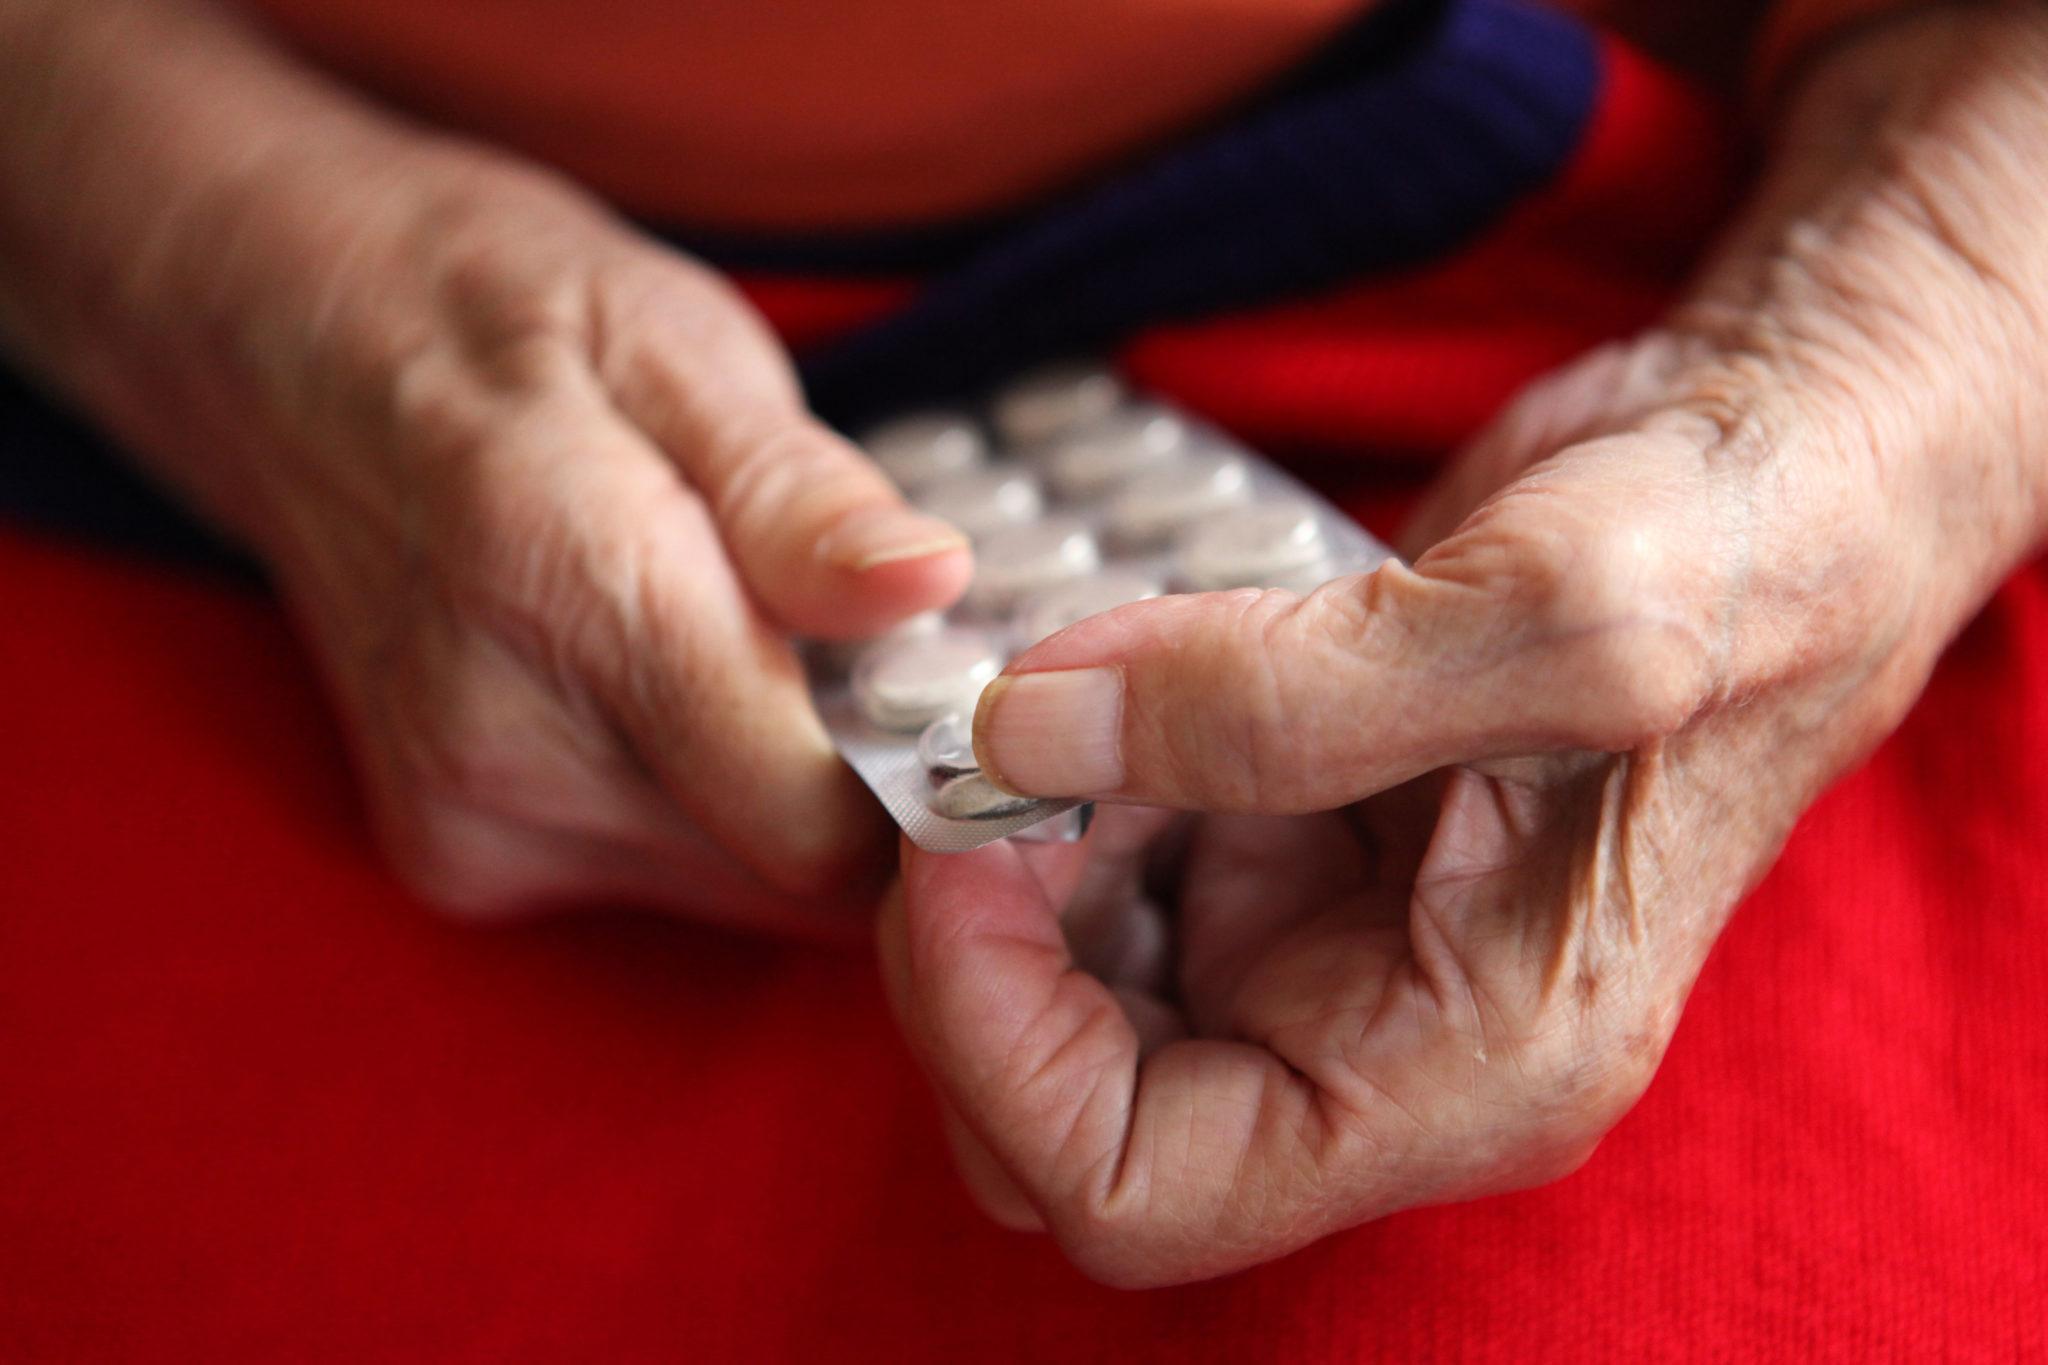 Zwei ältere Hände hantieren mit einer Tablettenpackung.